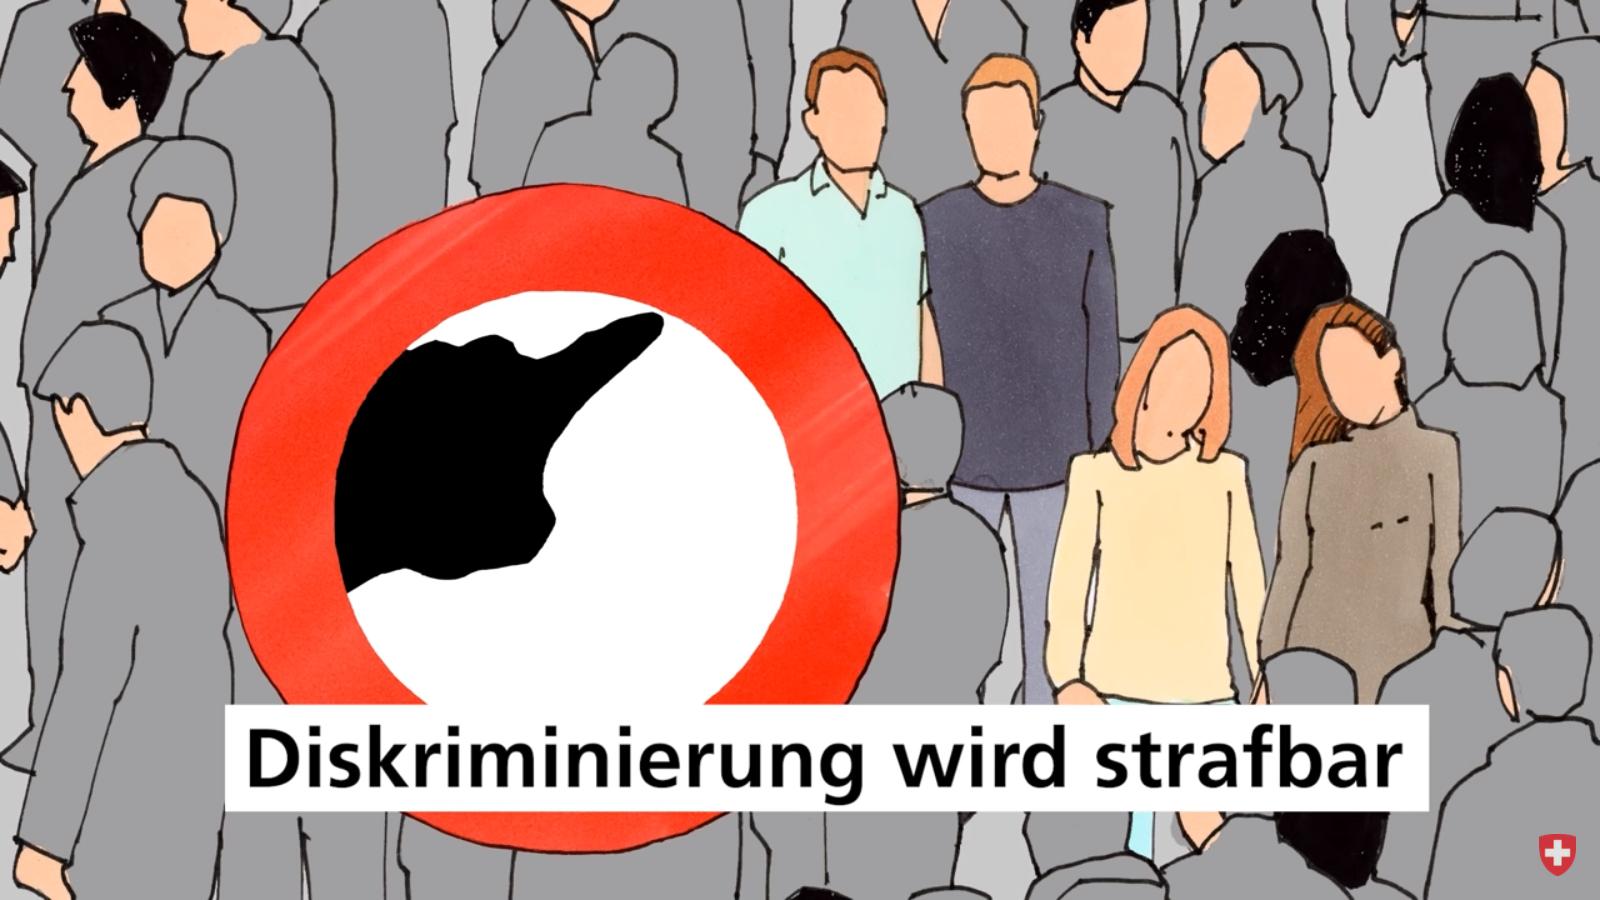 Volksabstimmung in der Schweiz: Mehr Schutz für Homosexuelle - Bild 1